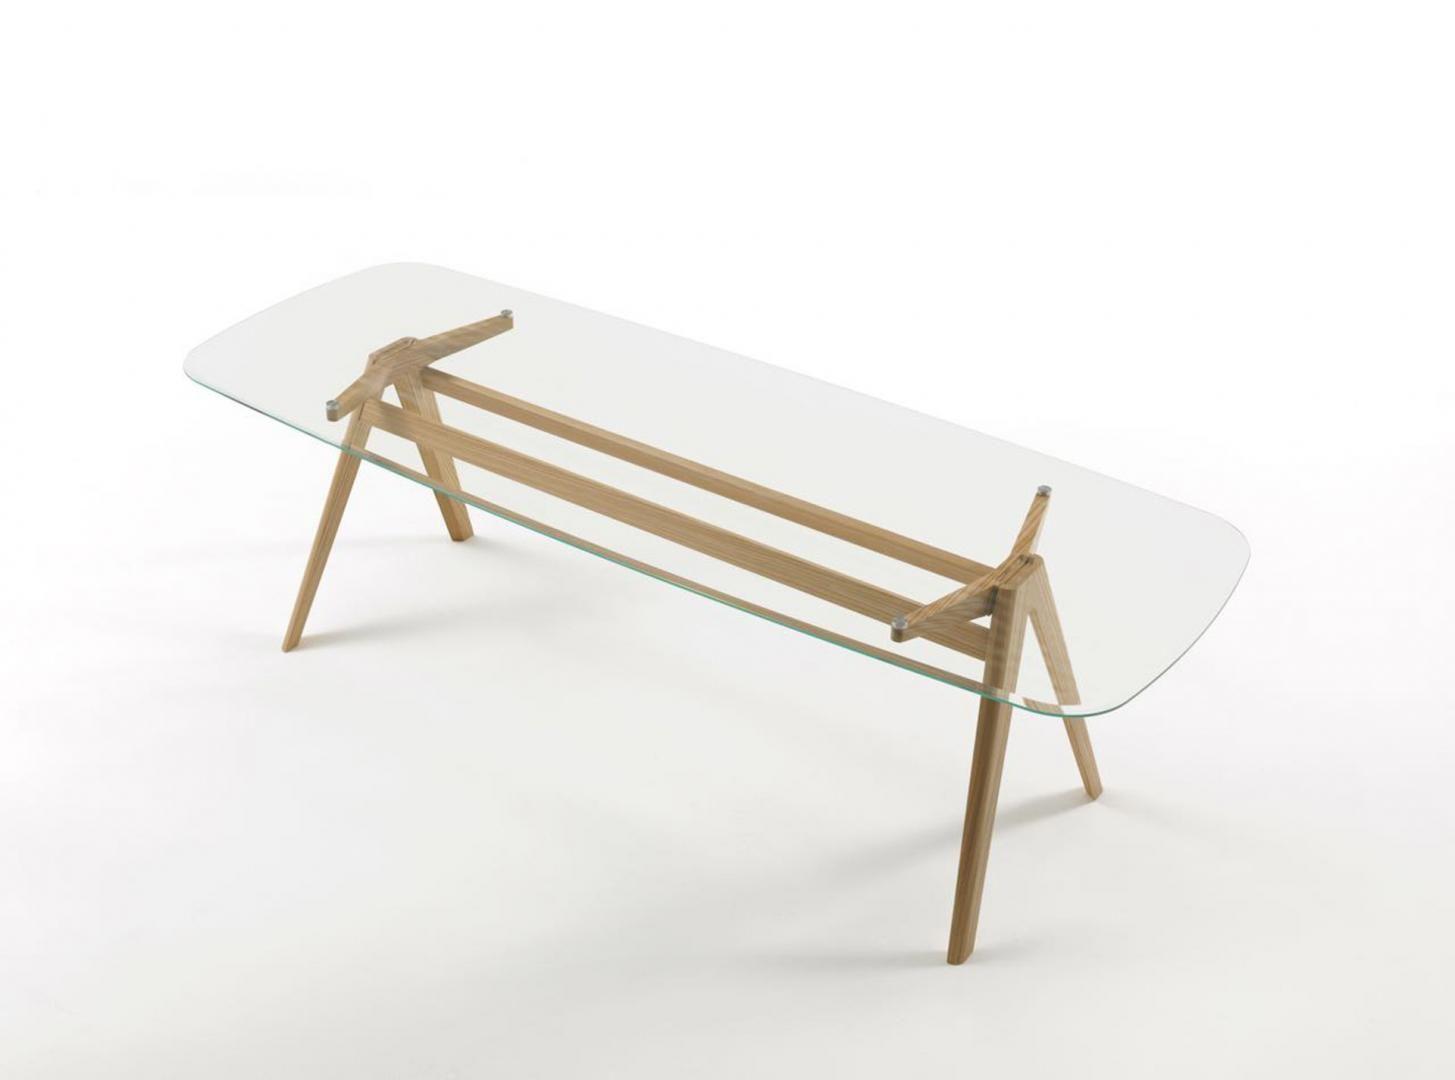 Tavolo In ~ Il designer gianluca ferullo disegna un tavolo in legno e vetro